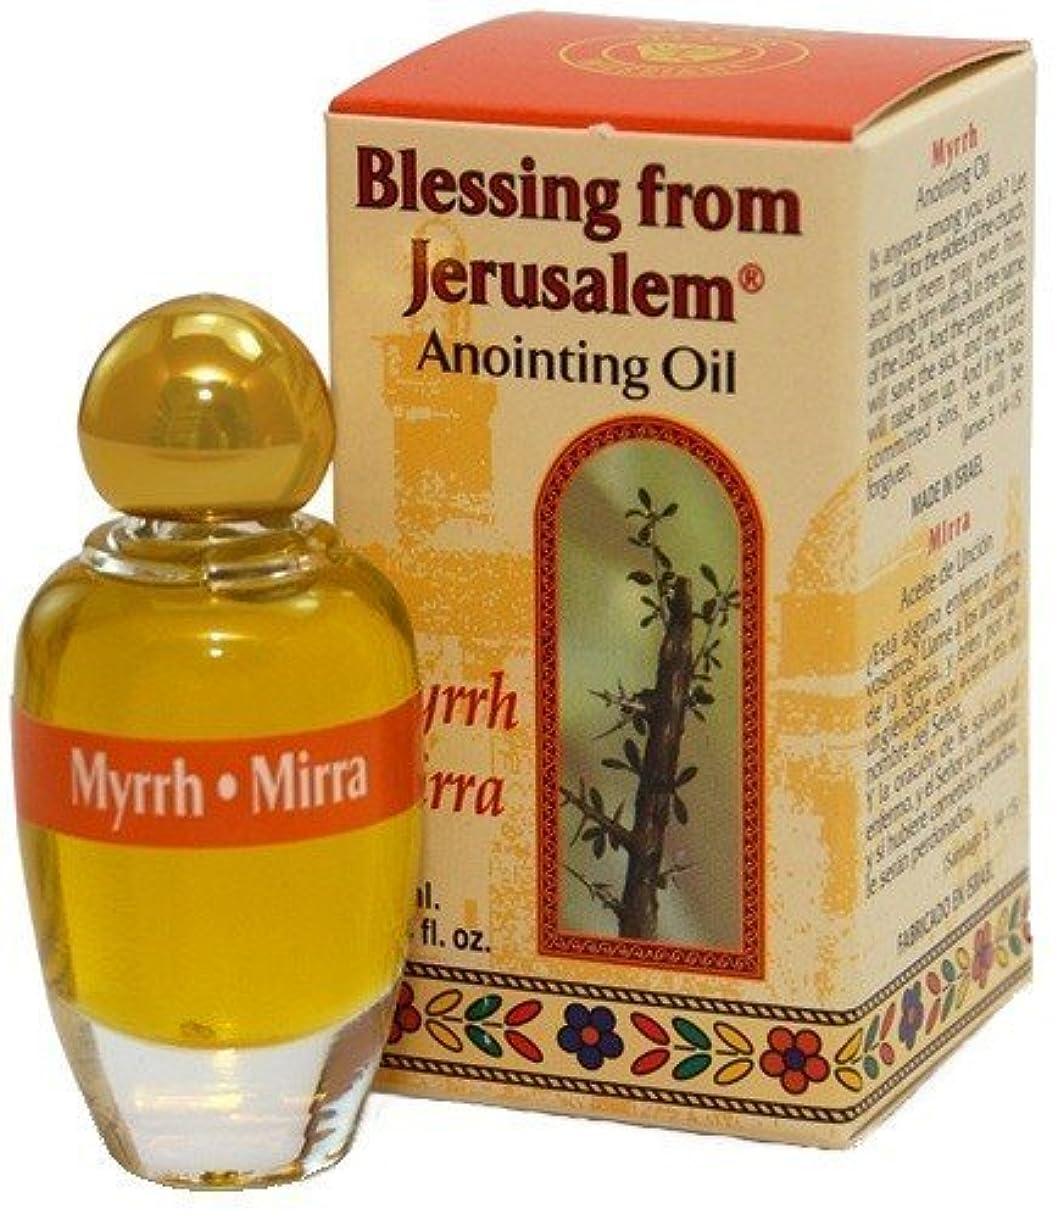 ハリウッドモンスター引き潮Myrrh Anointing Oil - Made in Israel by Ein Gedi [並行輸入品]